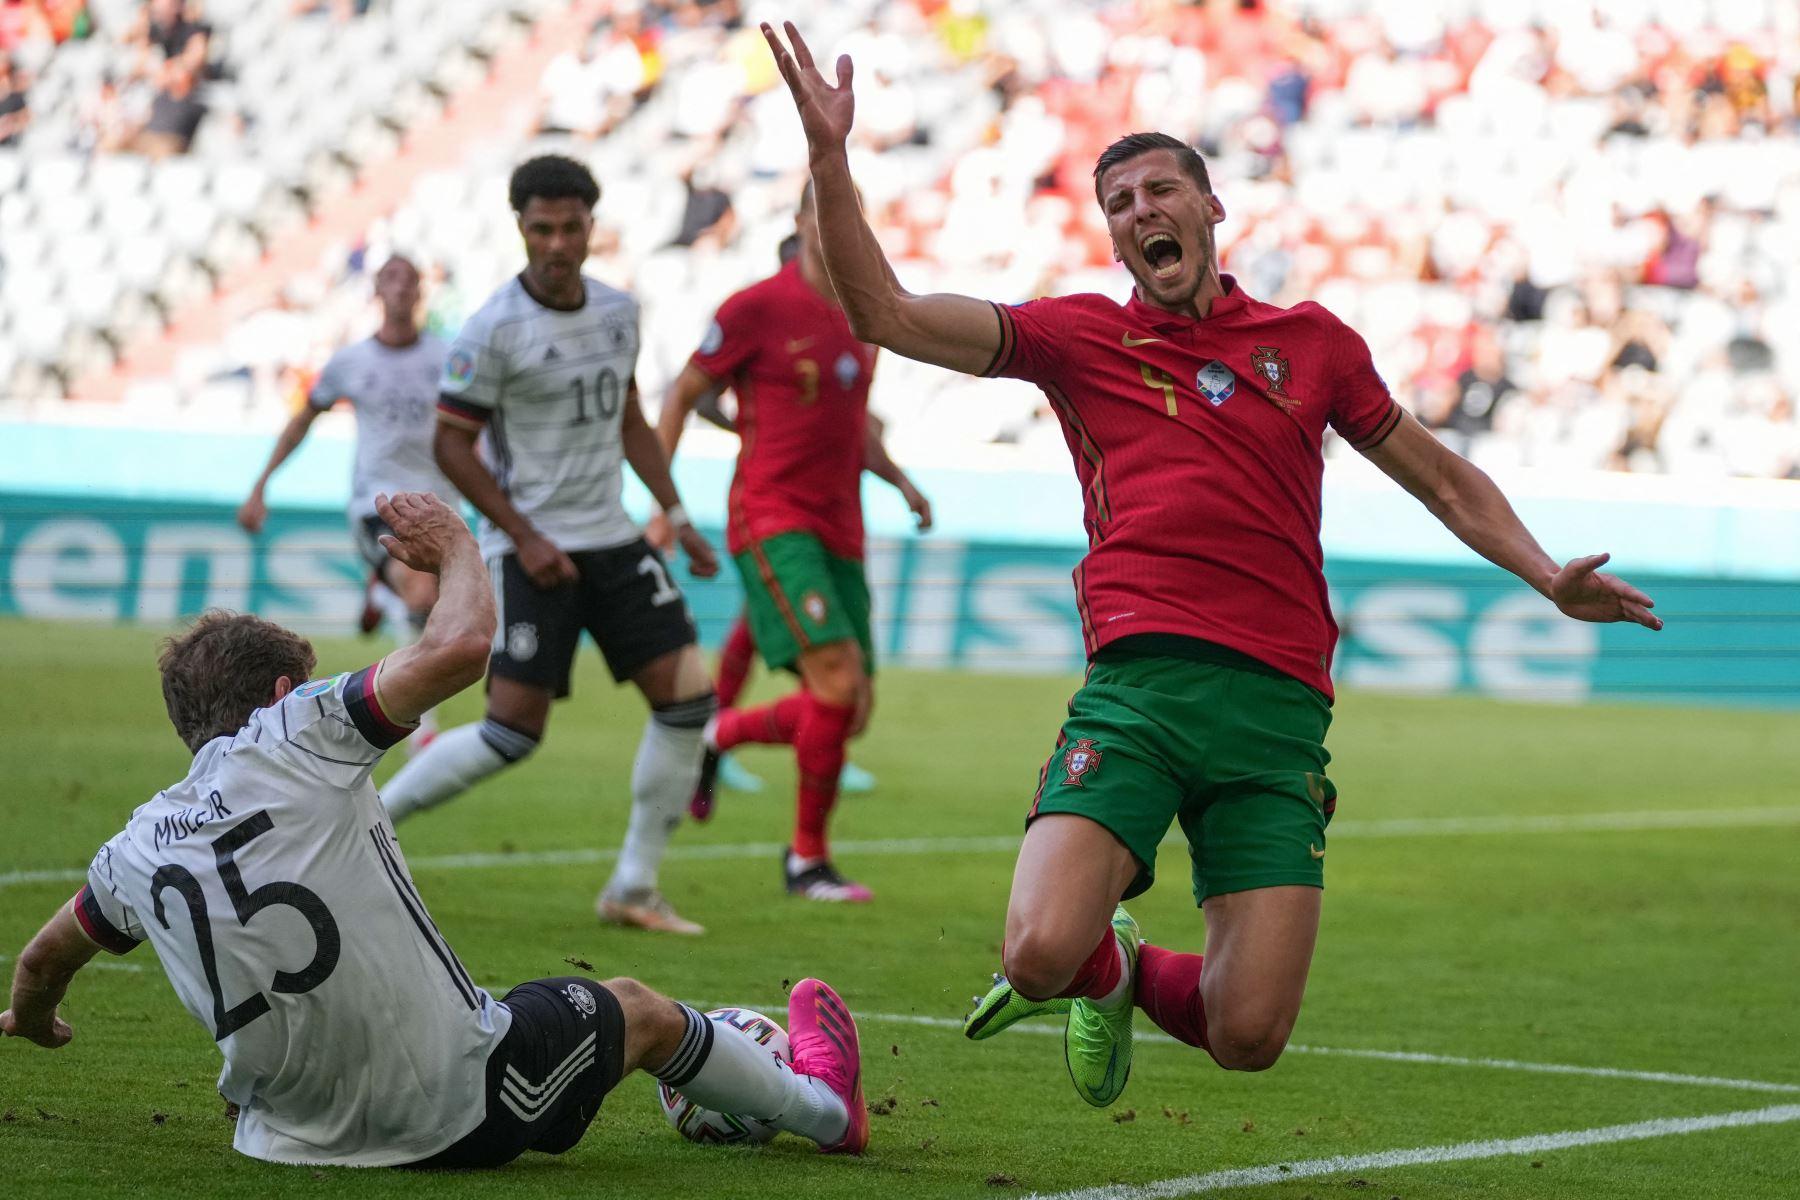 El defensor de Portugal Ruben Dias  cae en un desafío con el delantero alemán Thomas Mueller durante el partido de fútbol del Grupo F de la UEFA EURO 2020 entre Portugal y Alemania en el Allianz Arena de Múnich. Foto: AFP